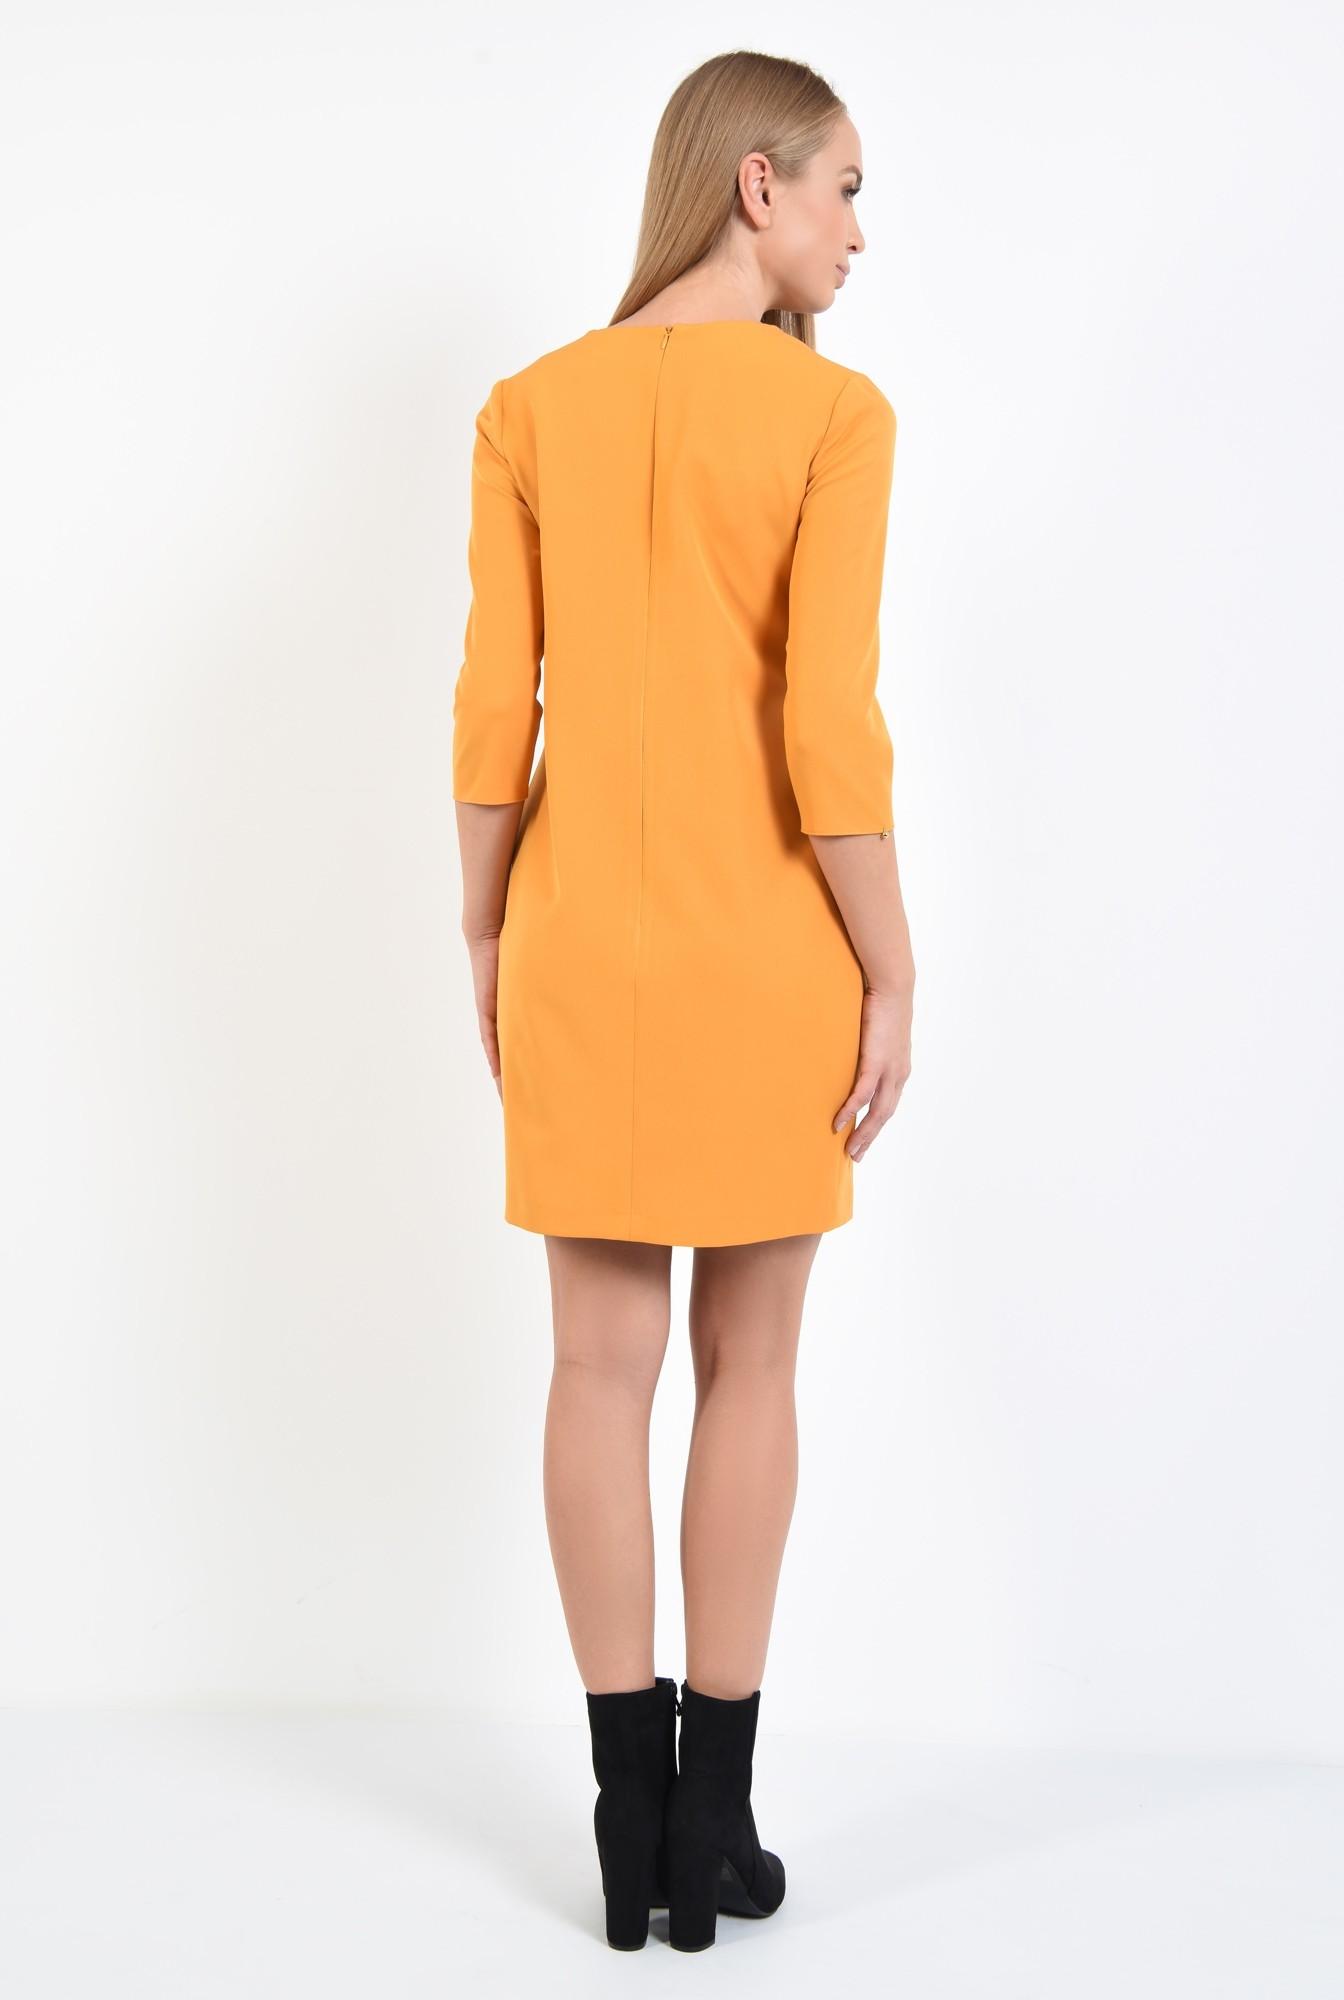 1 - 360 - rochie casual, galben mustar, croi drept lejer, maneci tubulare, rips negru, rochii online